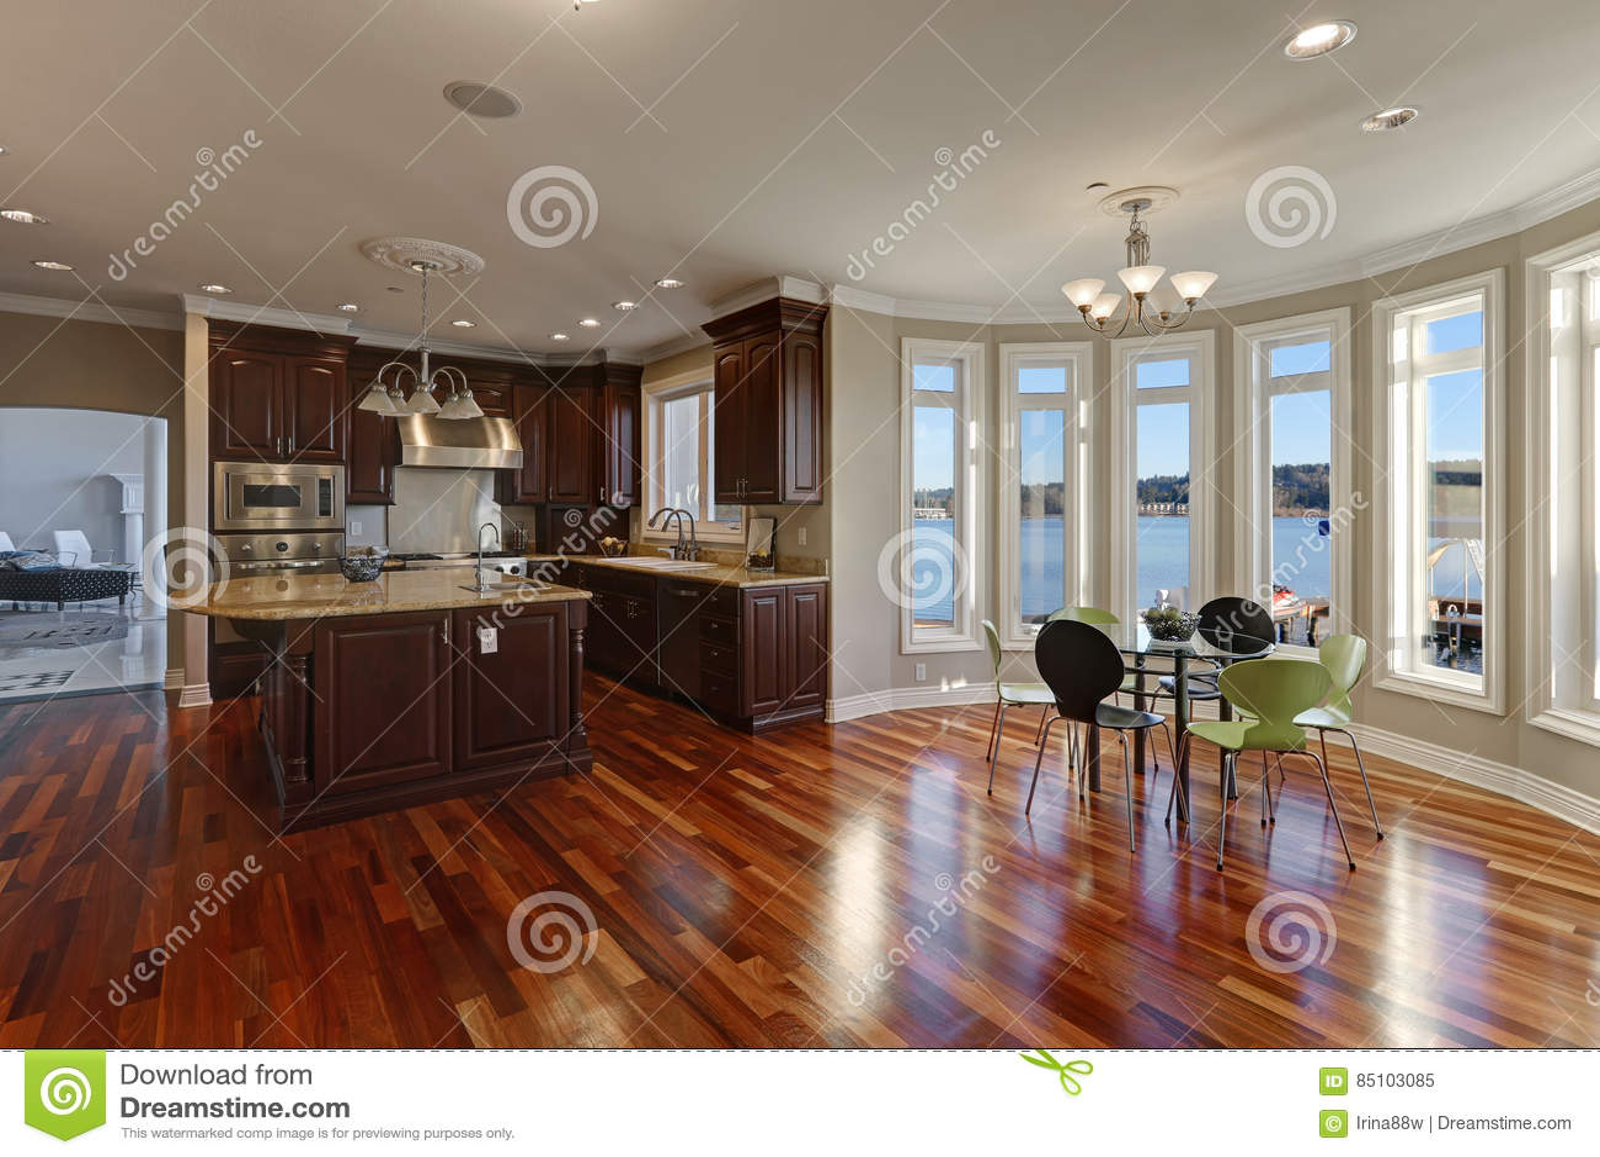 Best warm interieur photos ideeën voor thuis ibarakijets.org